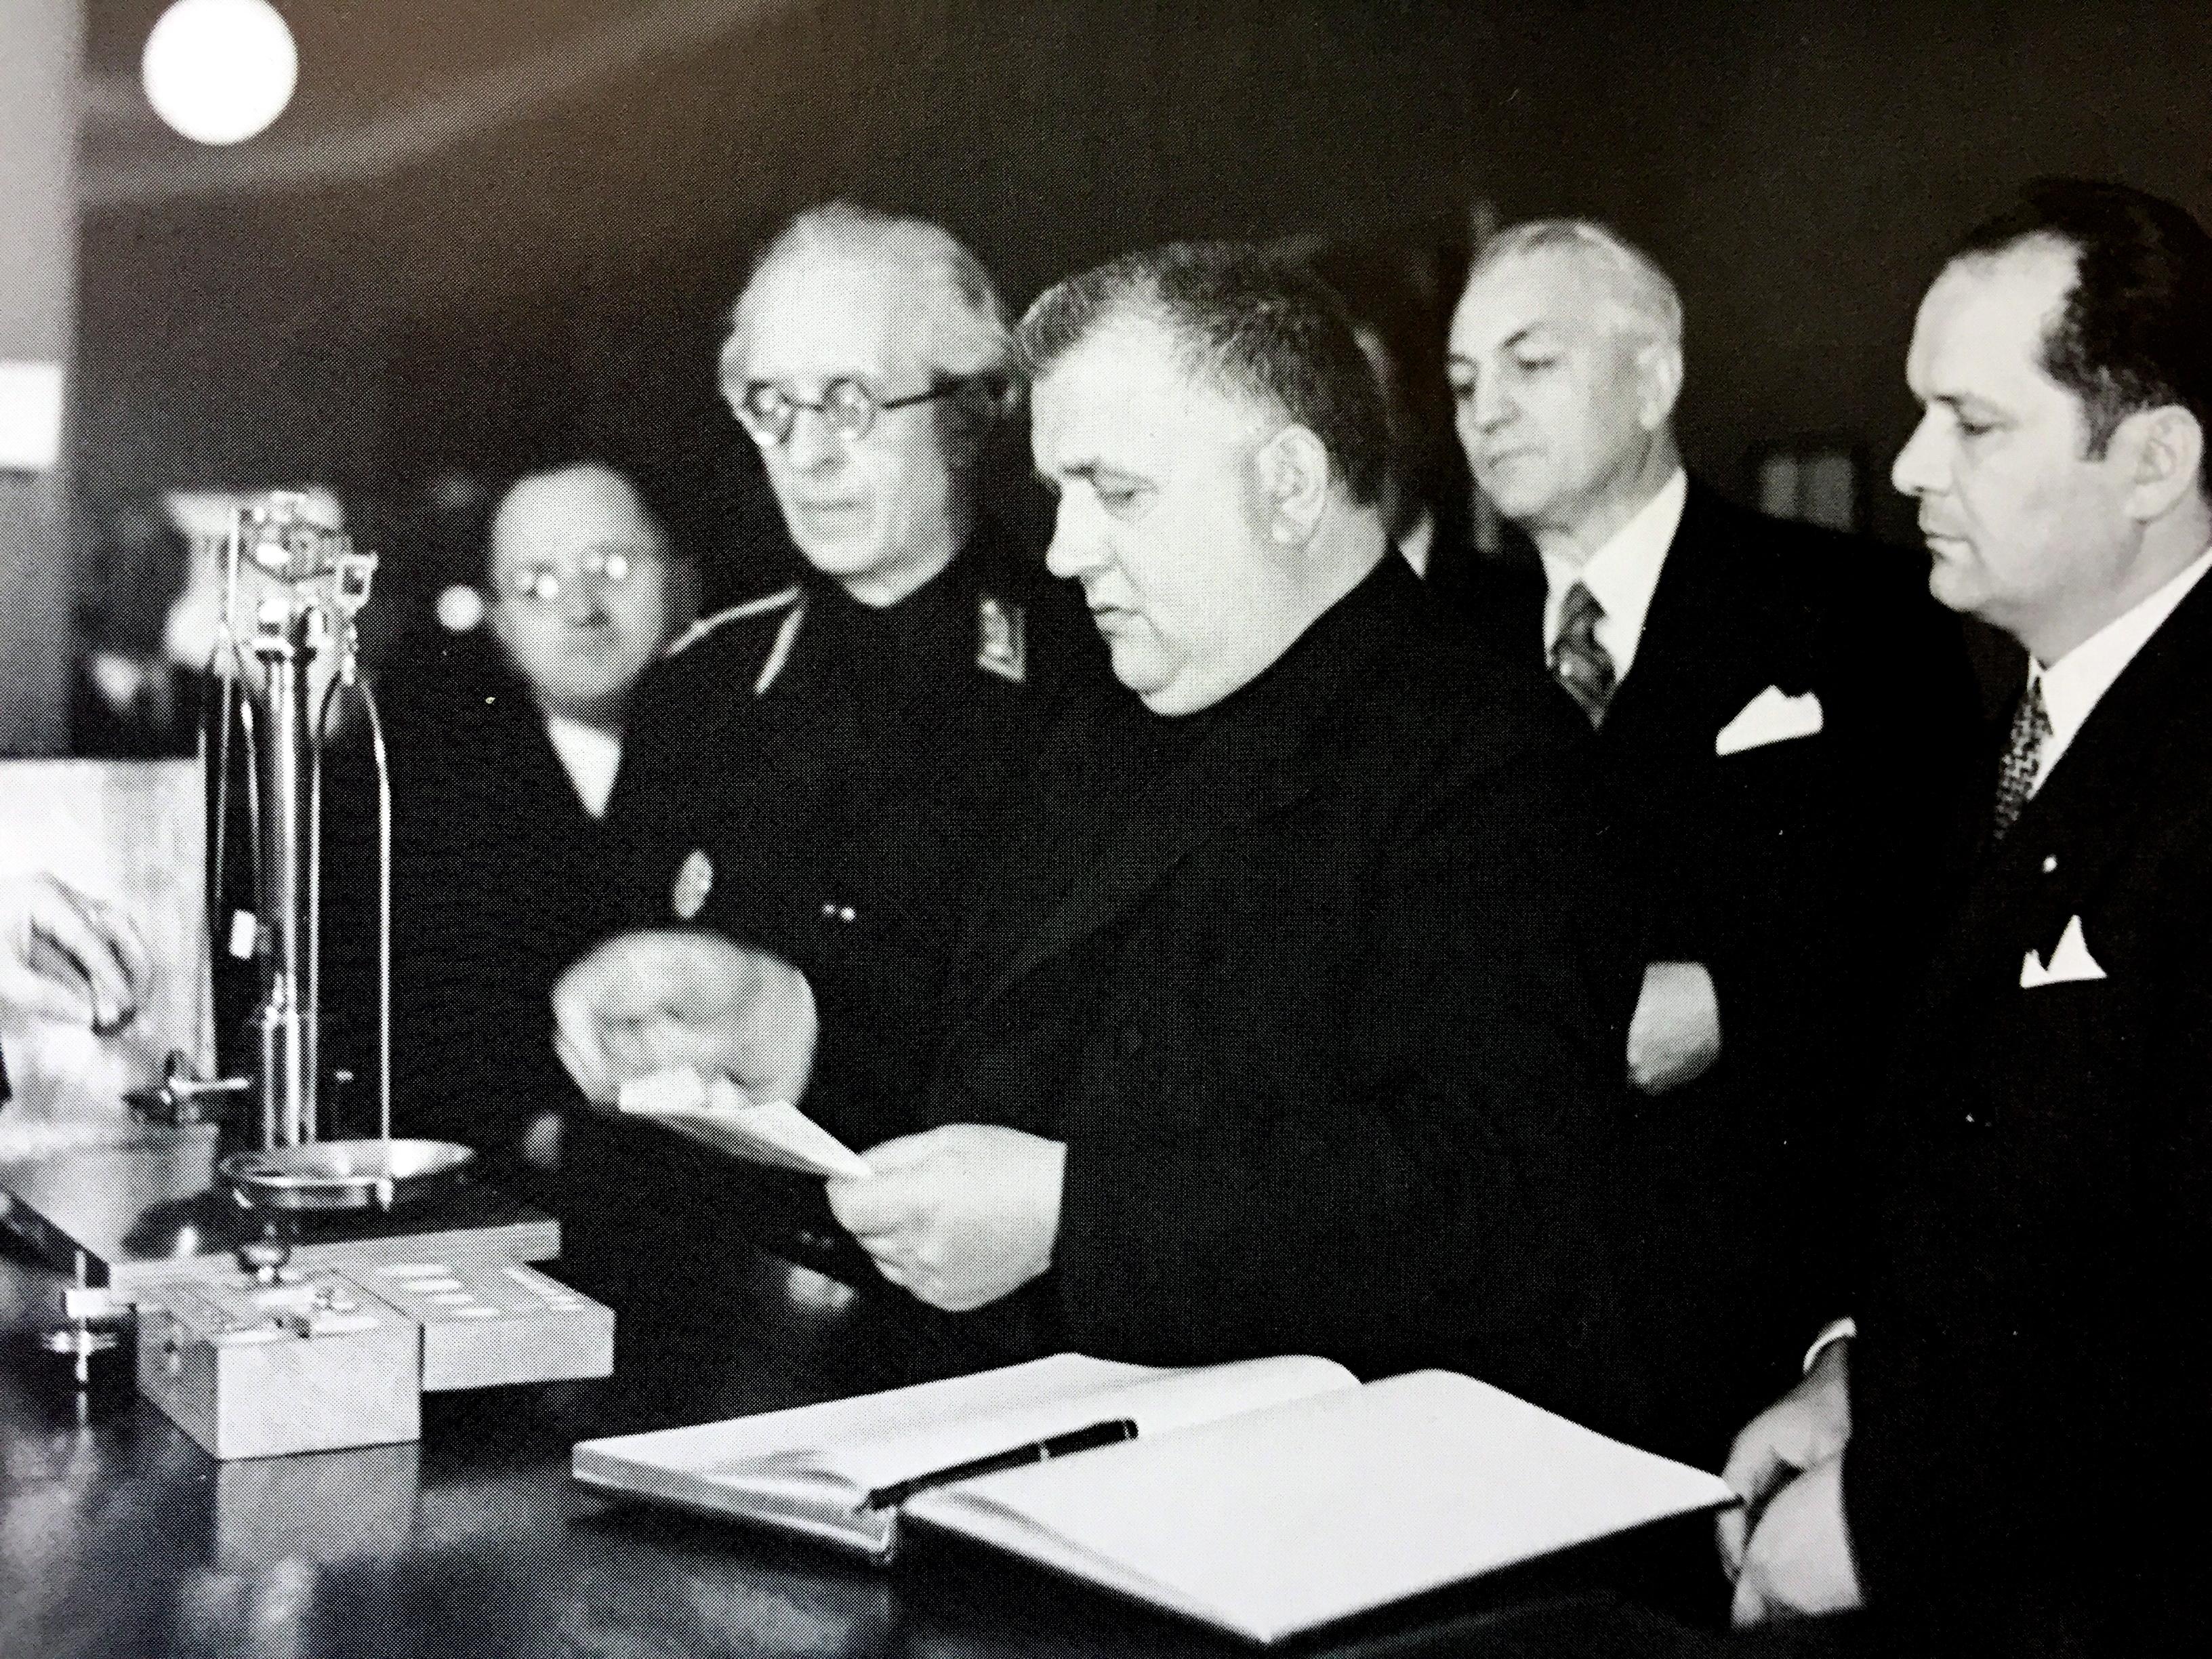 Prezident Jozef Tiso s ďalšími predstaviteľmi štátu prispieva na zlatý poklad Slovenskej republiky. (Foto: archív)